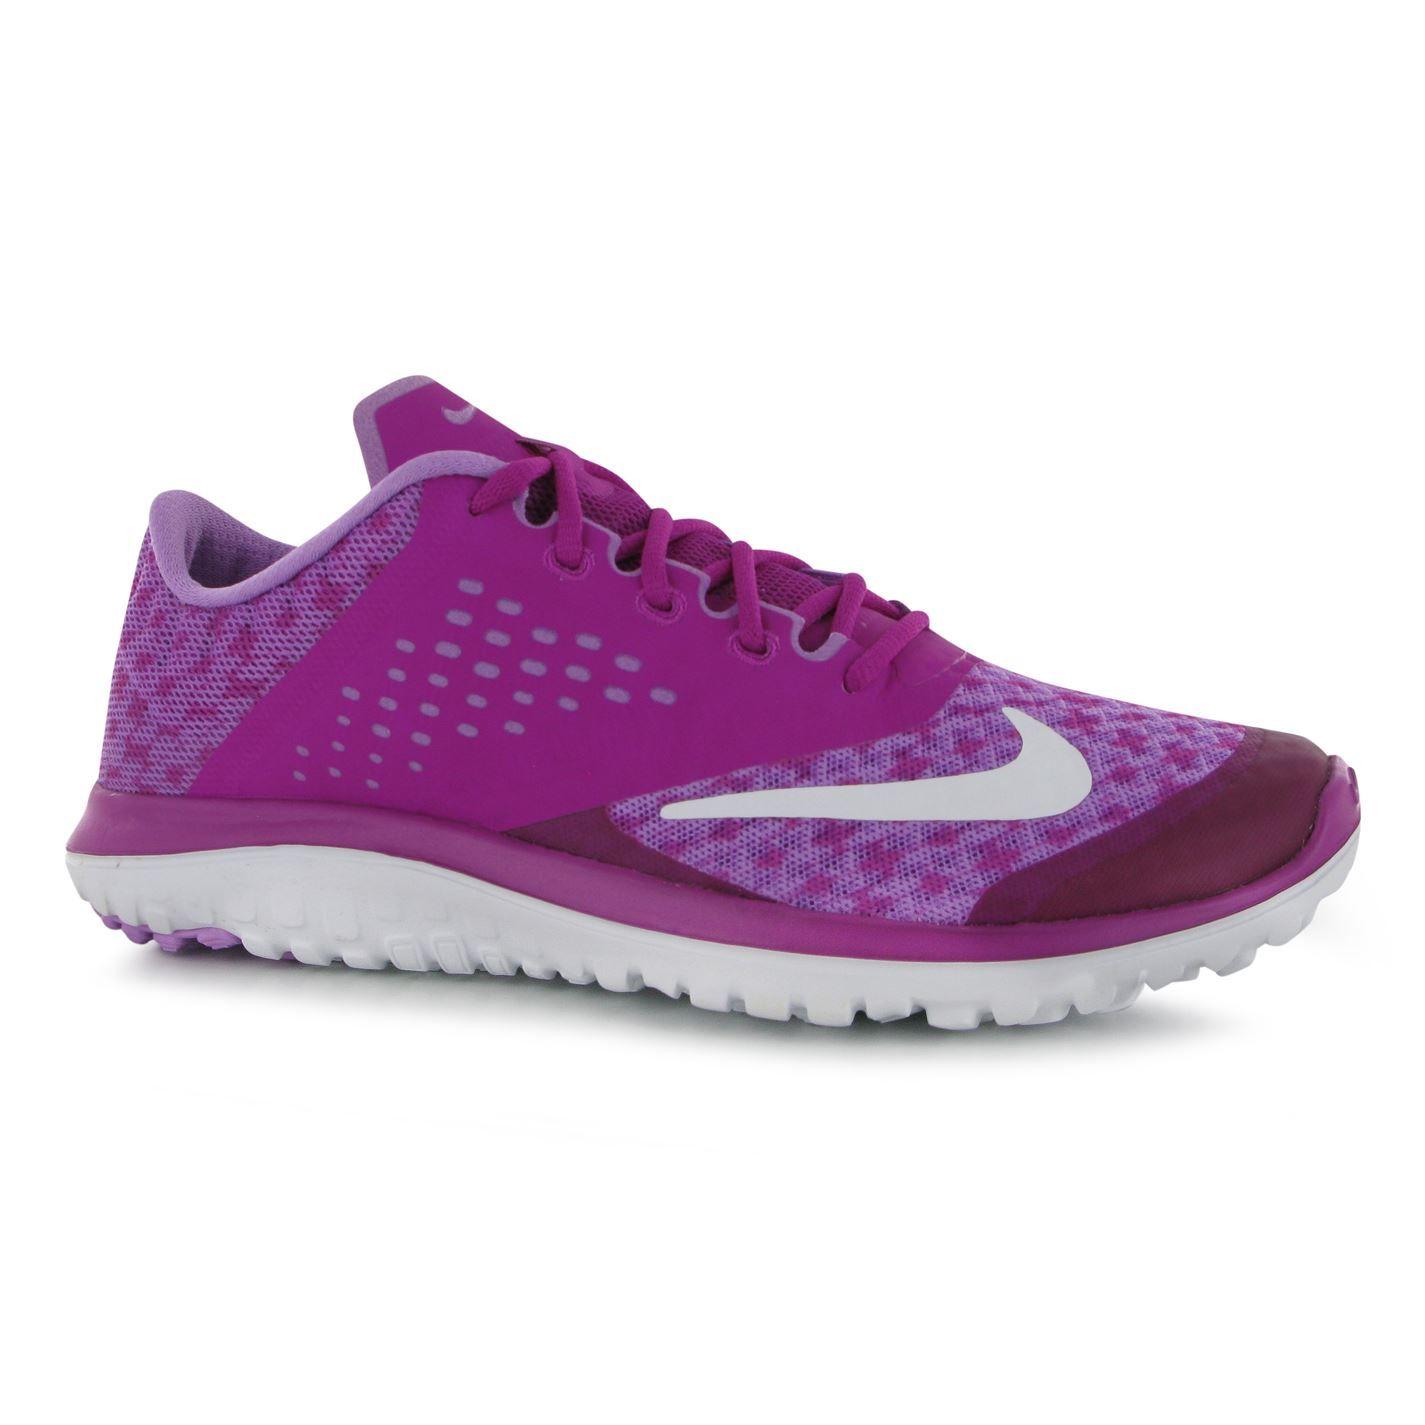 timeless design d768b 18176 Nike Air Zoom Pegasus 34 Ladies Running Shoes | SheRuns ...